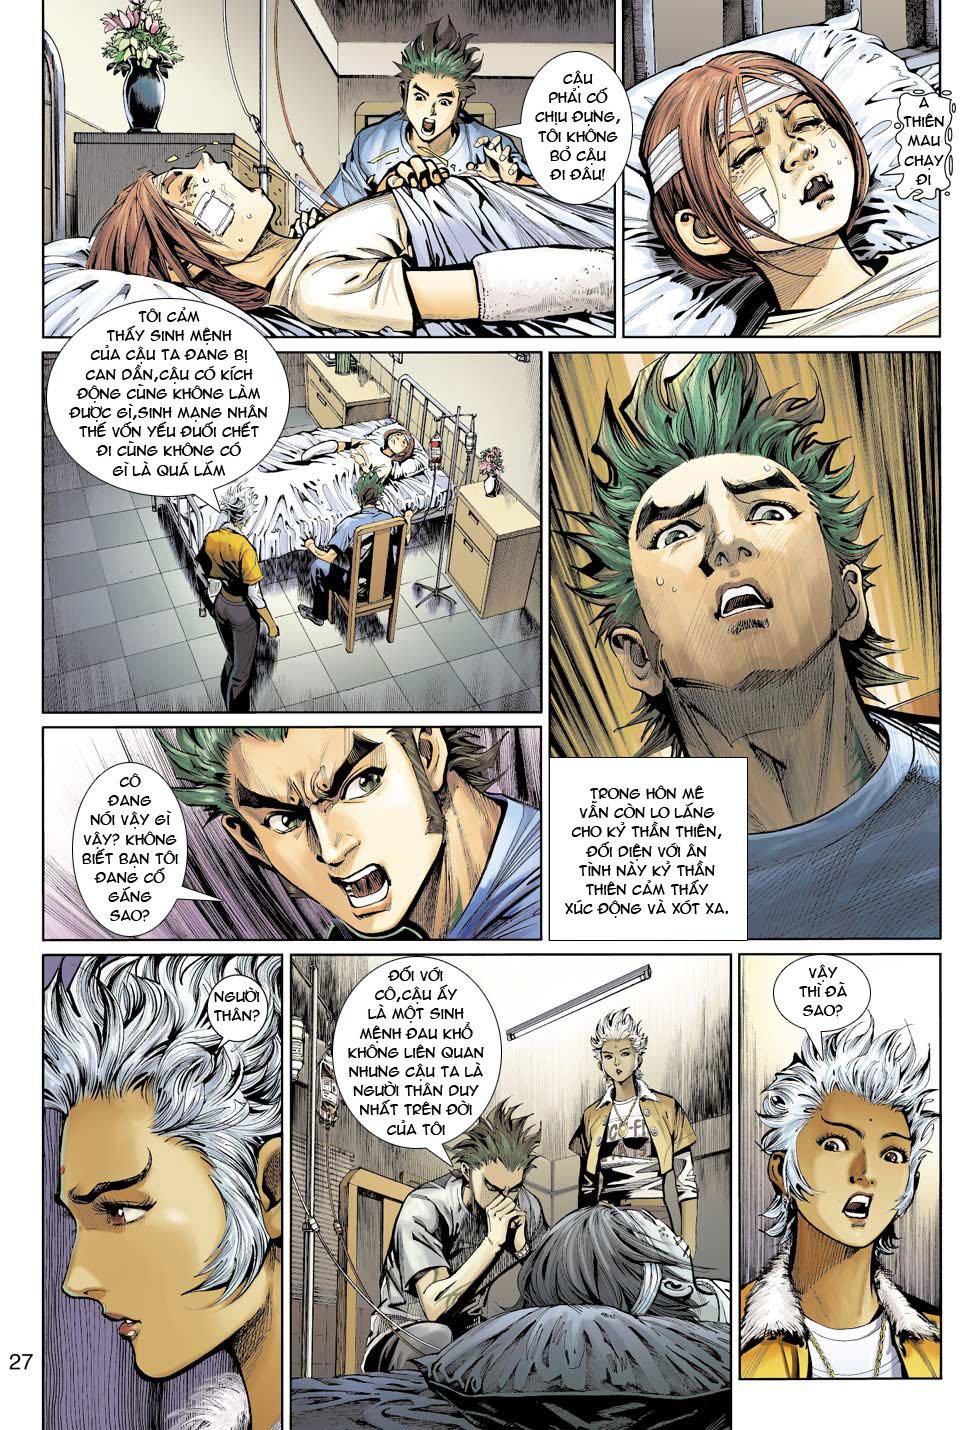 Thần Binh 4 chap 12 - Trang 28